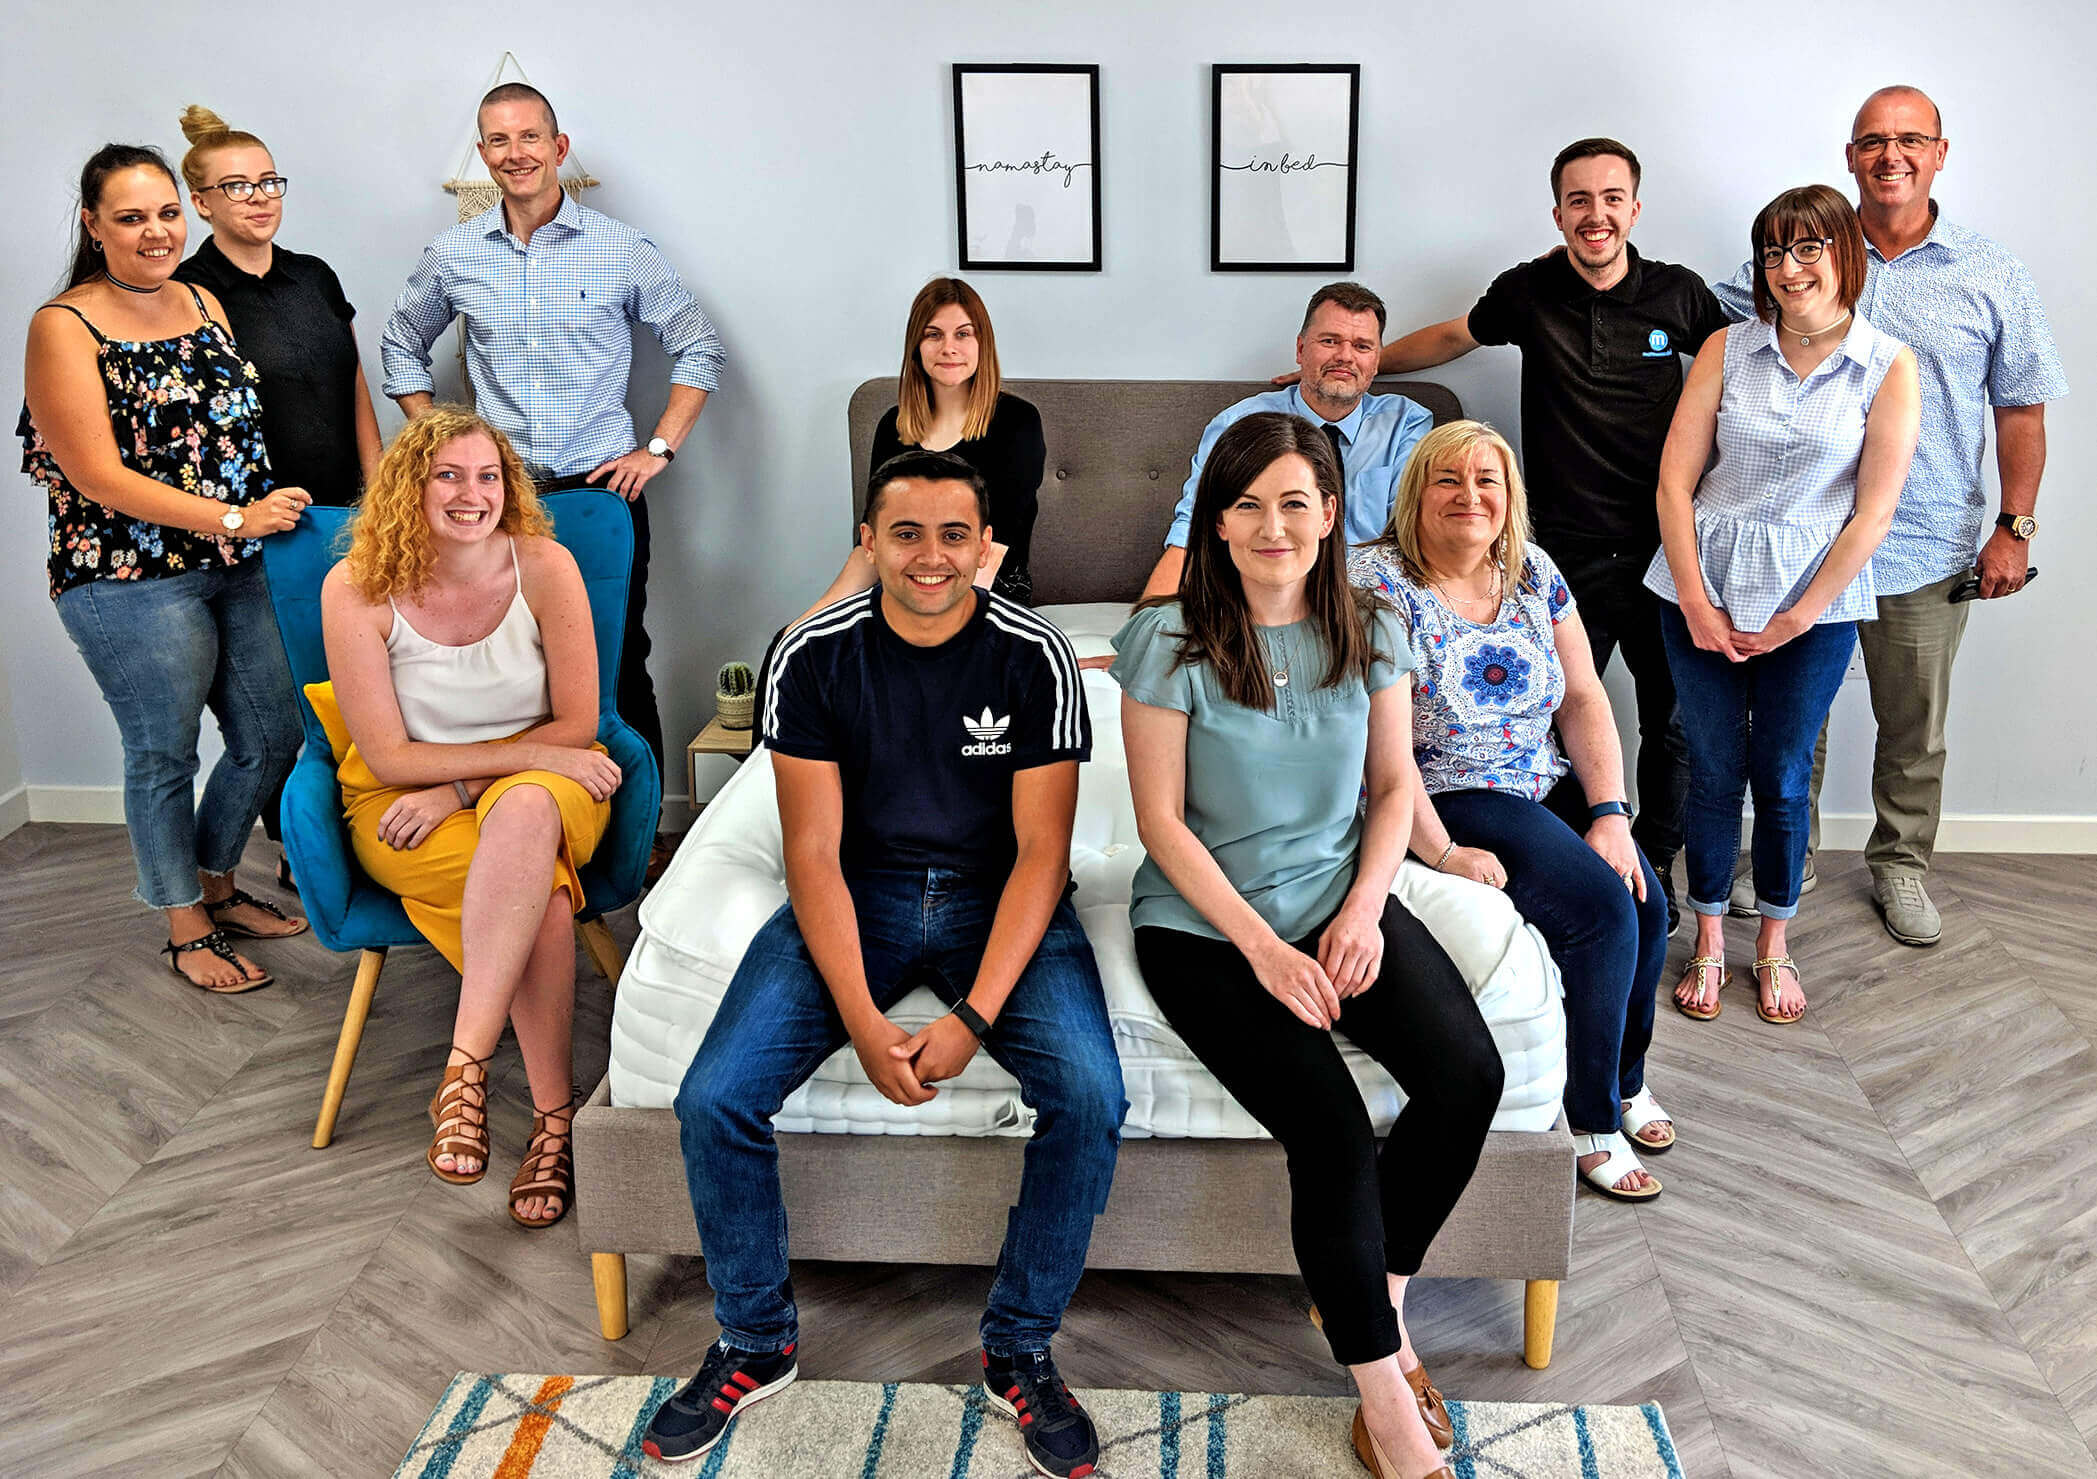 The MattressOnline team